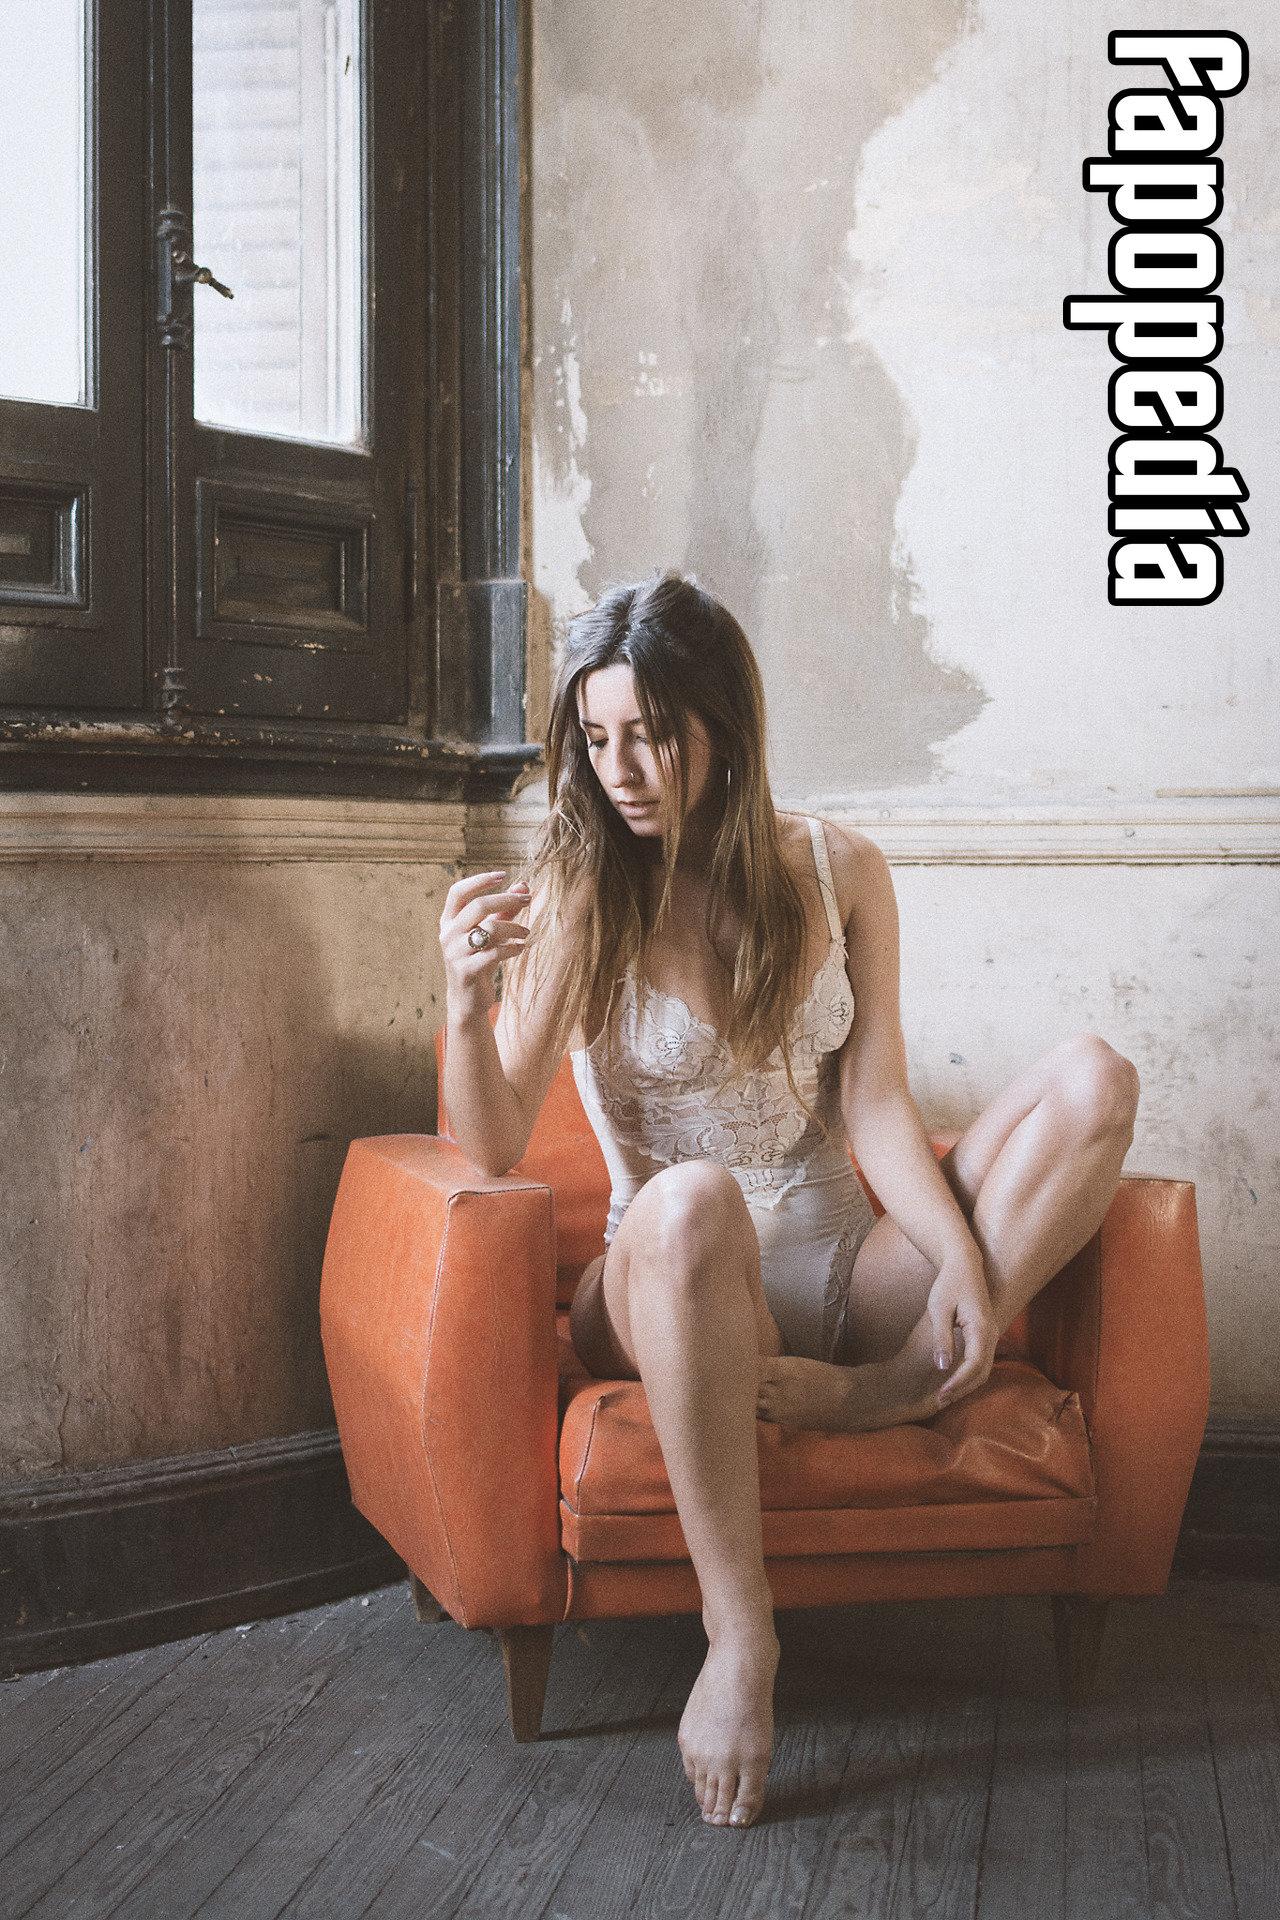 Fiuna Laino Nude OnlyFans Leaks